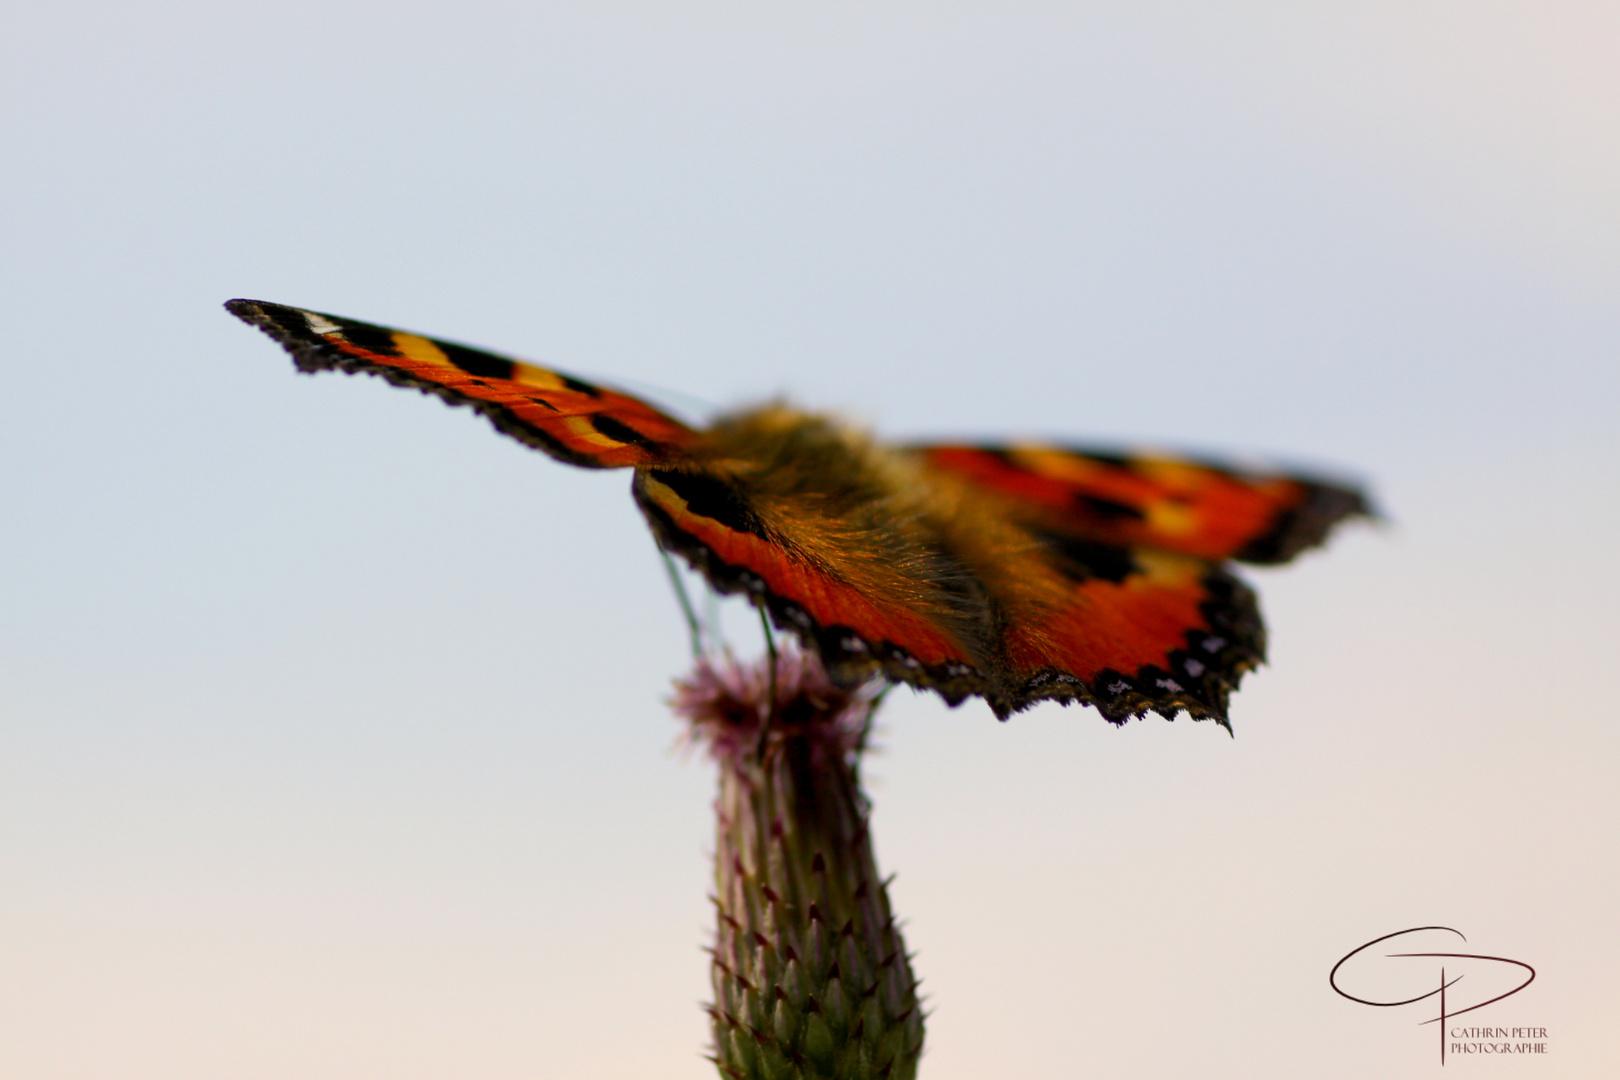 Schmetterling mit Blick in die Ferne